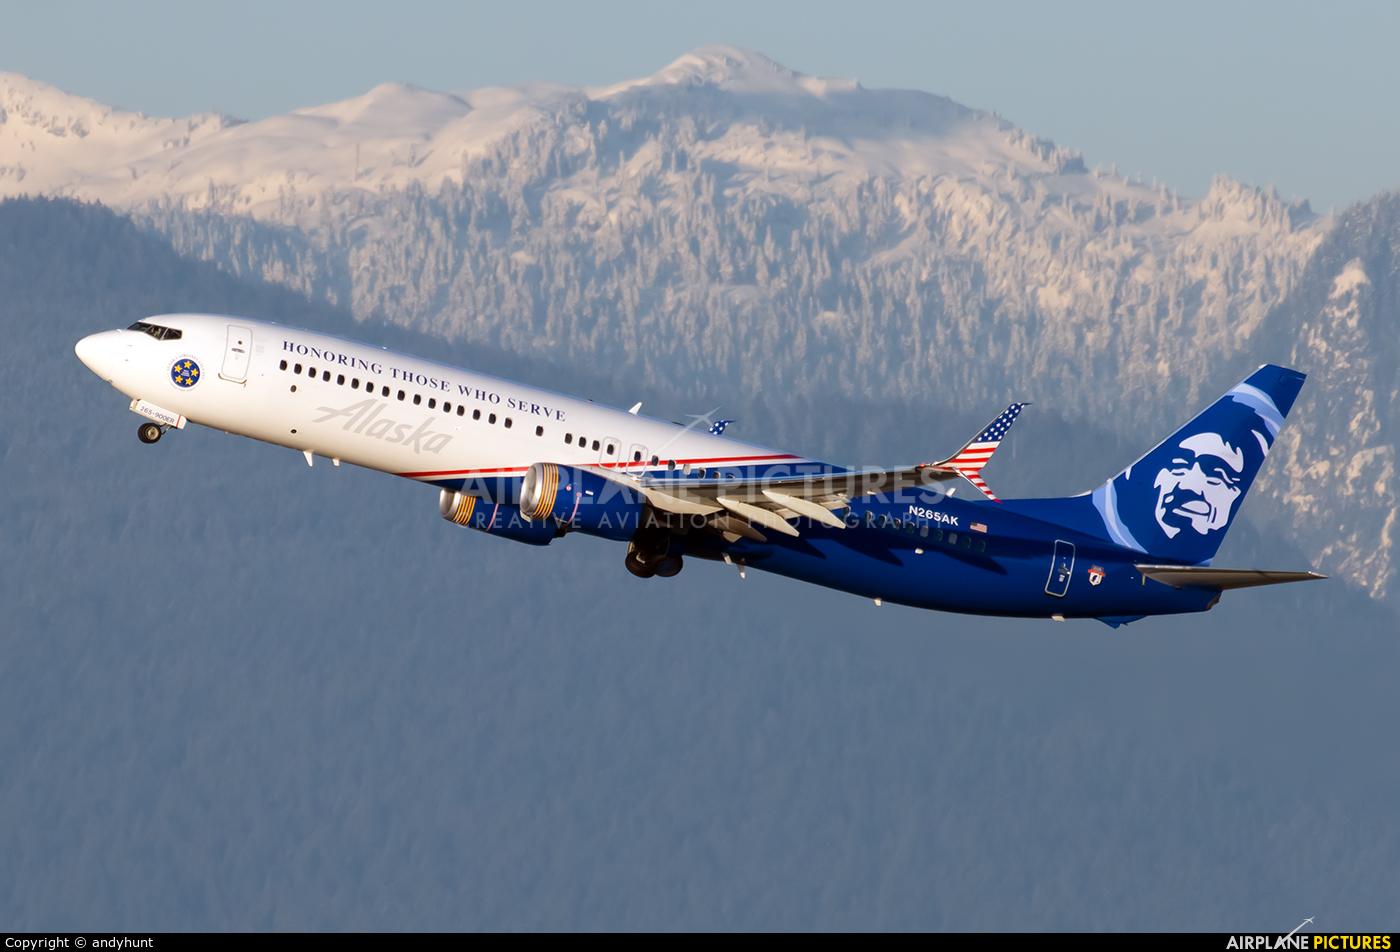 Alaska Airlines N265AK aircraft at Vancouver Intl, BC